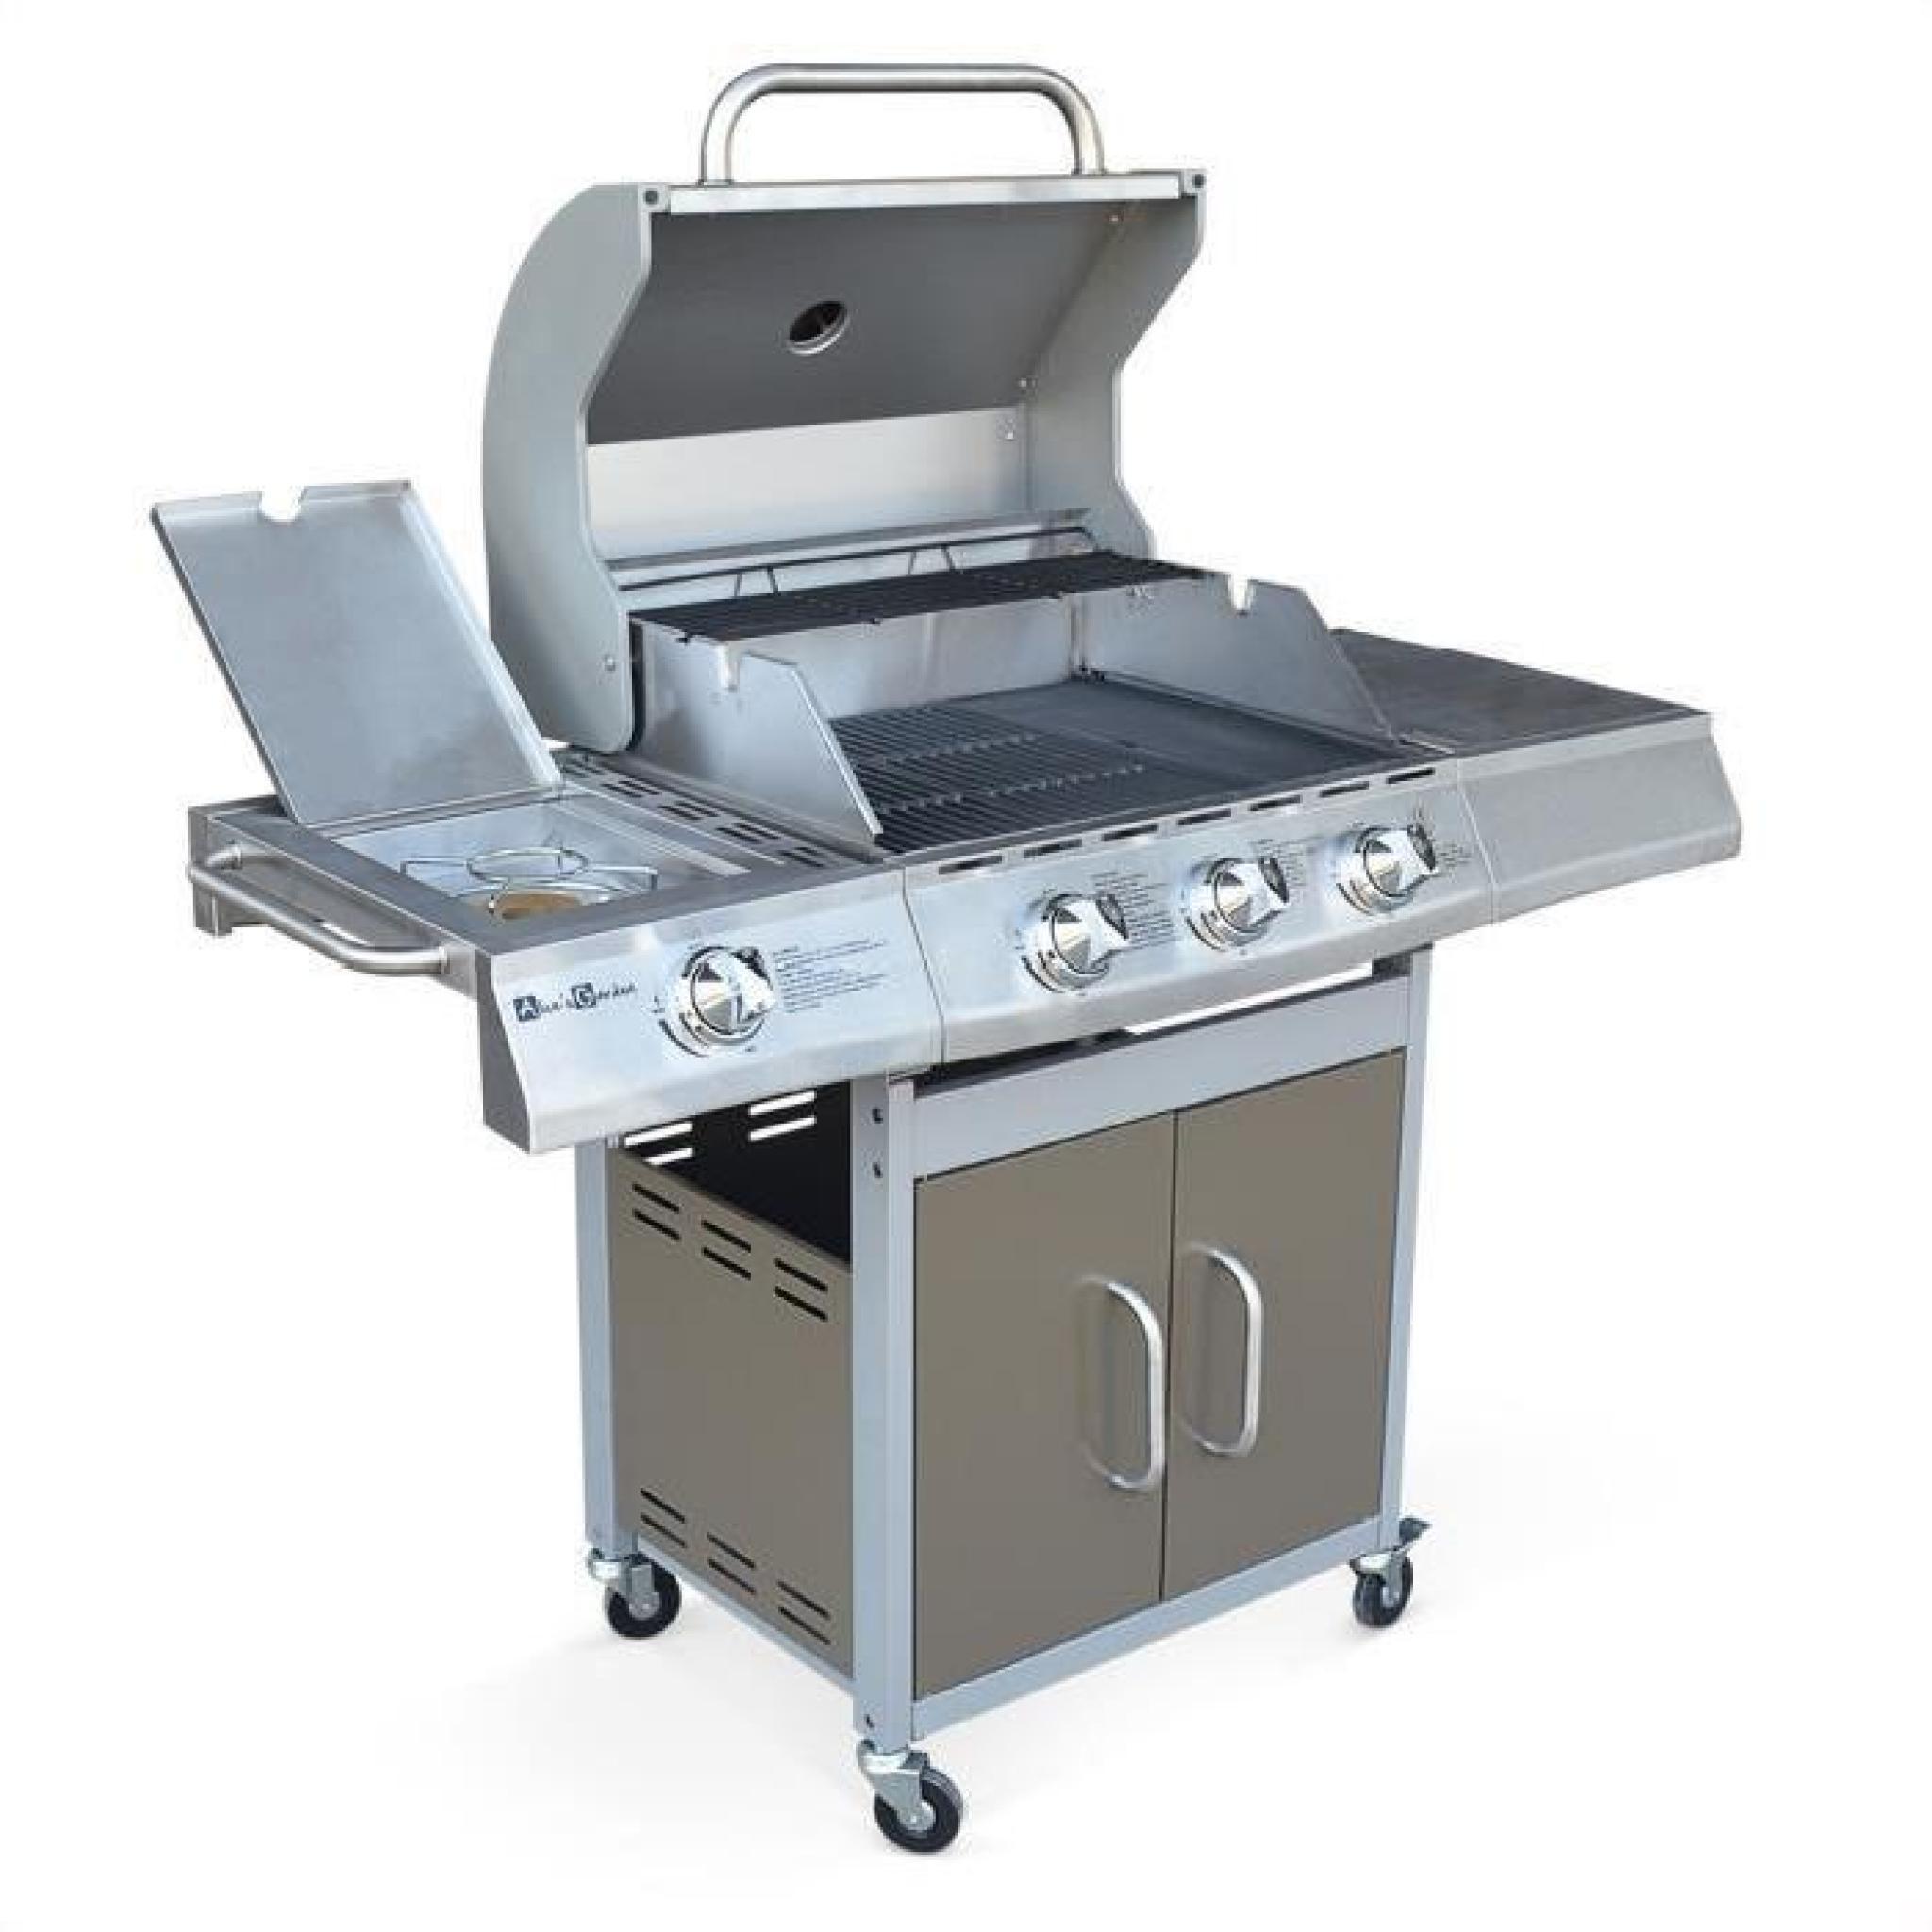 barbecue au gaz richelieu marron 4 br leurs dont 1 feu lat ral 14kw c t grill et plancha. Black Bedroom Furniture Sets. Home Design Ideas